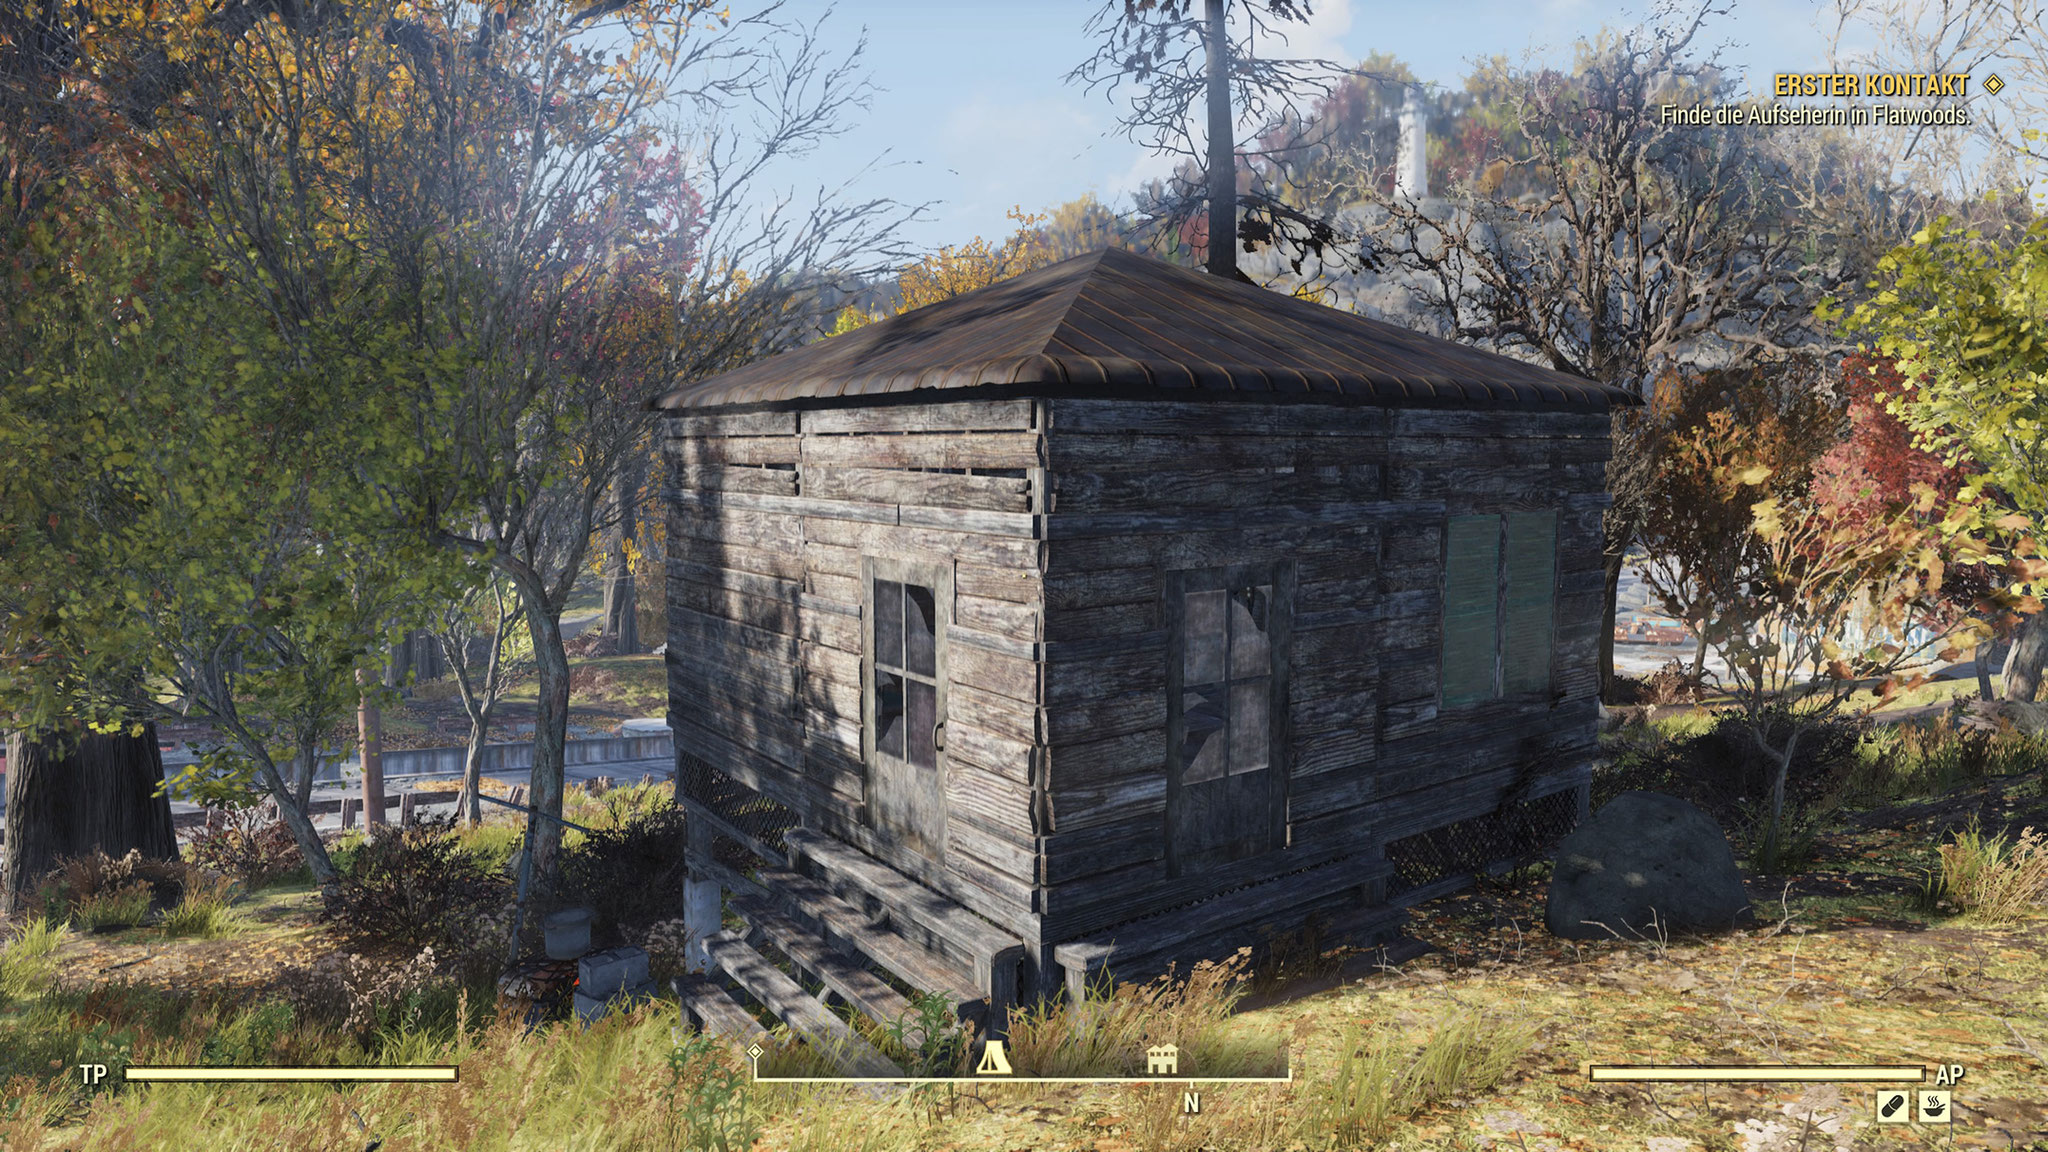 Noch sind wir bescheiden: Unser erstes kleines Eigenheim. Mithilfe des mobilen Campers können wir das Häuschen sogar verlegen.